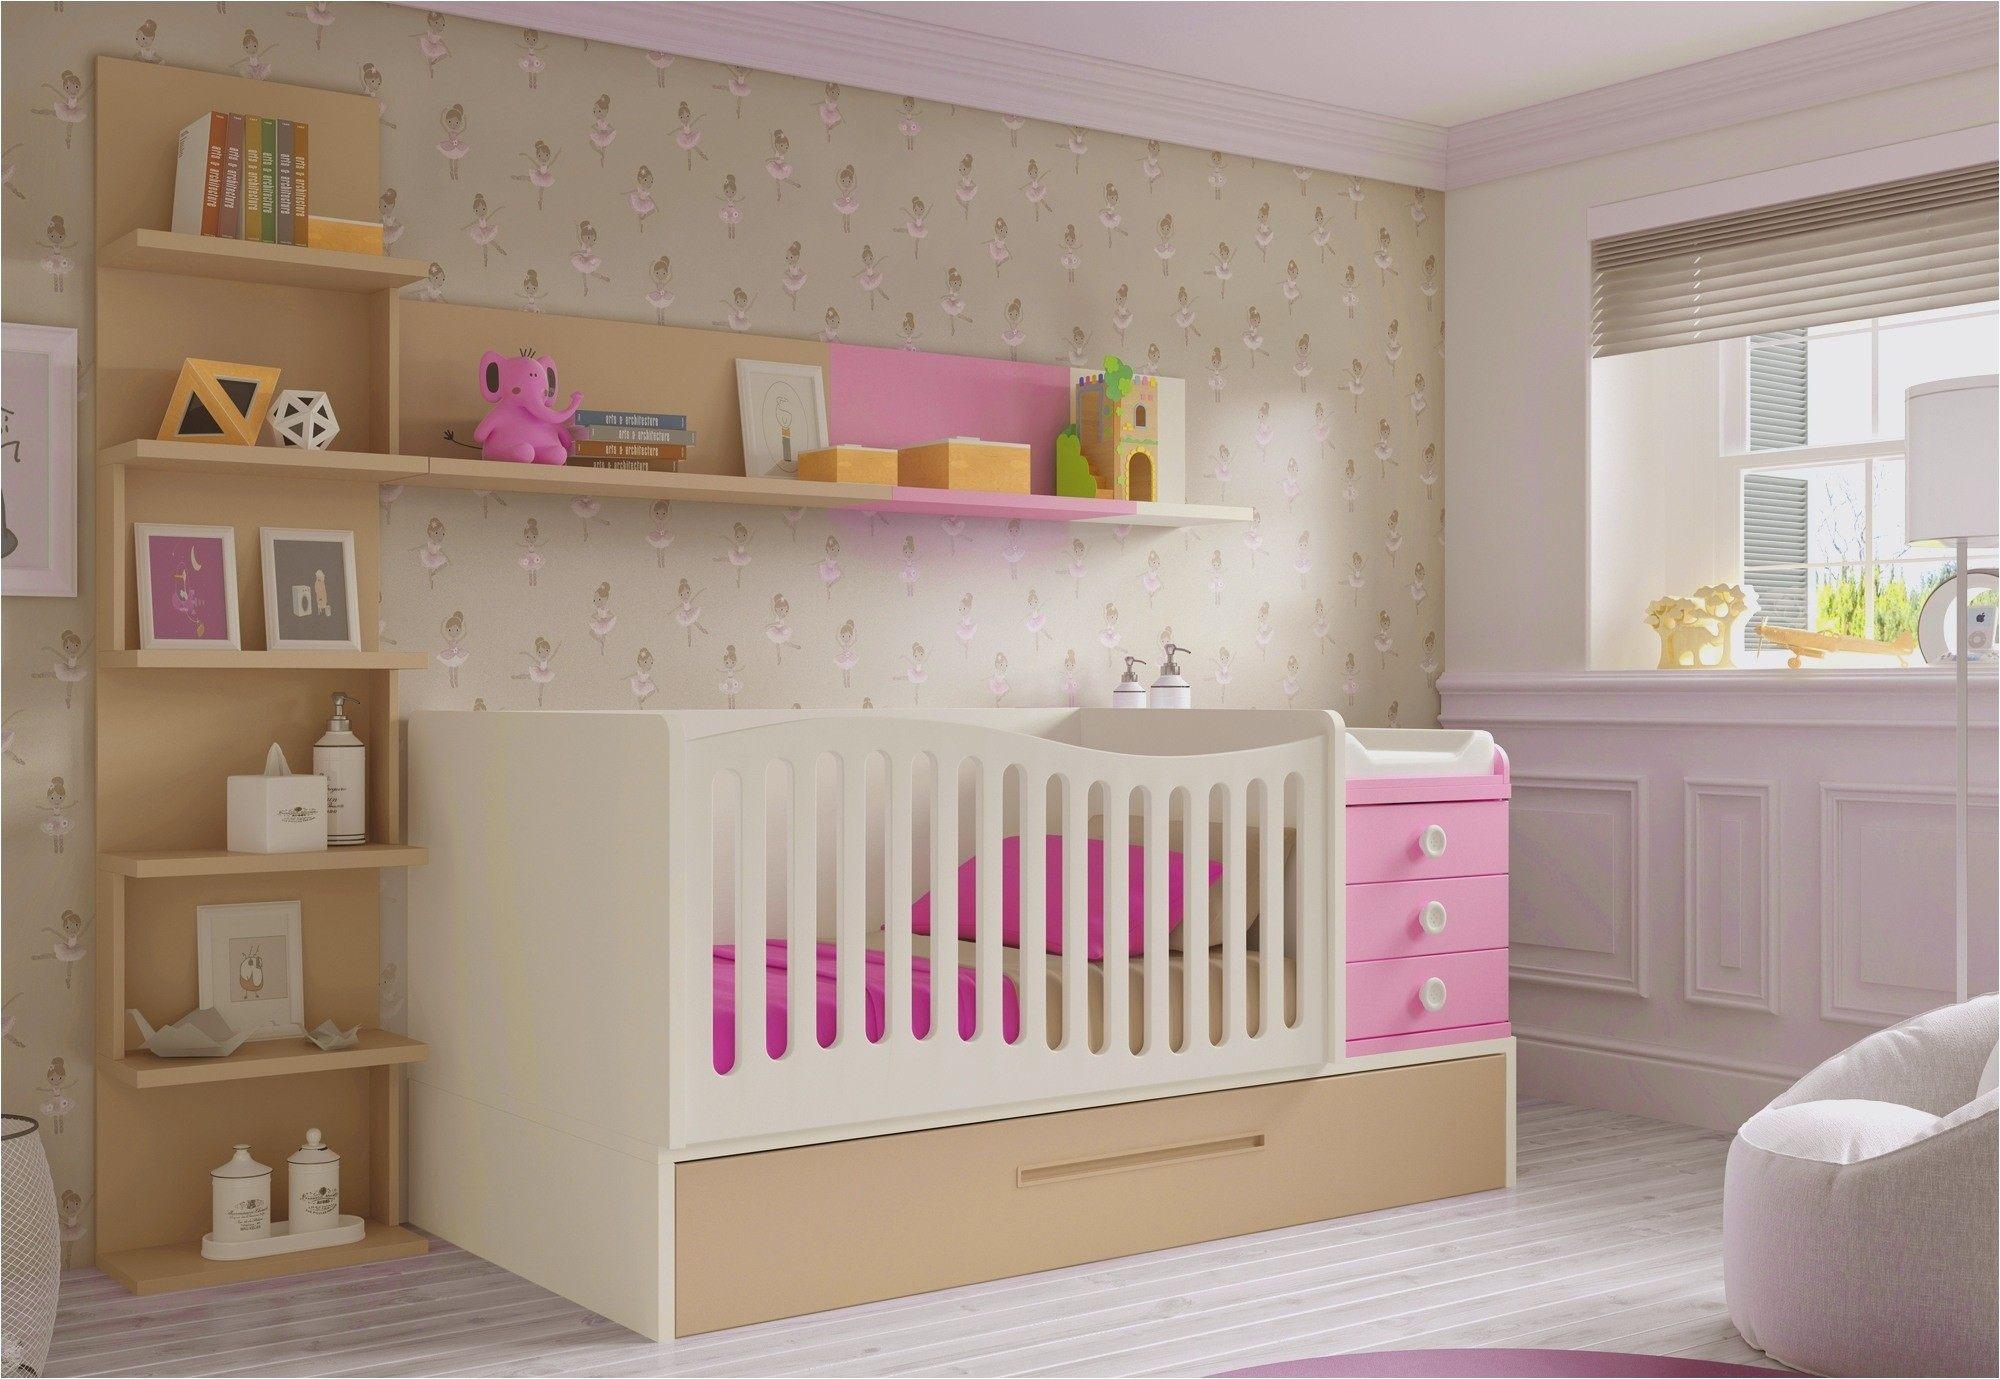 Lit Bébé Dimension Nouveau Baignoire Pliante Bébé Beautiful Lit Bebe Luxe 36 Ikea Best De Avec